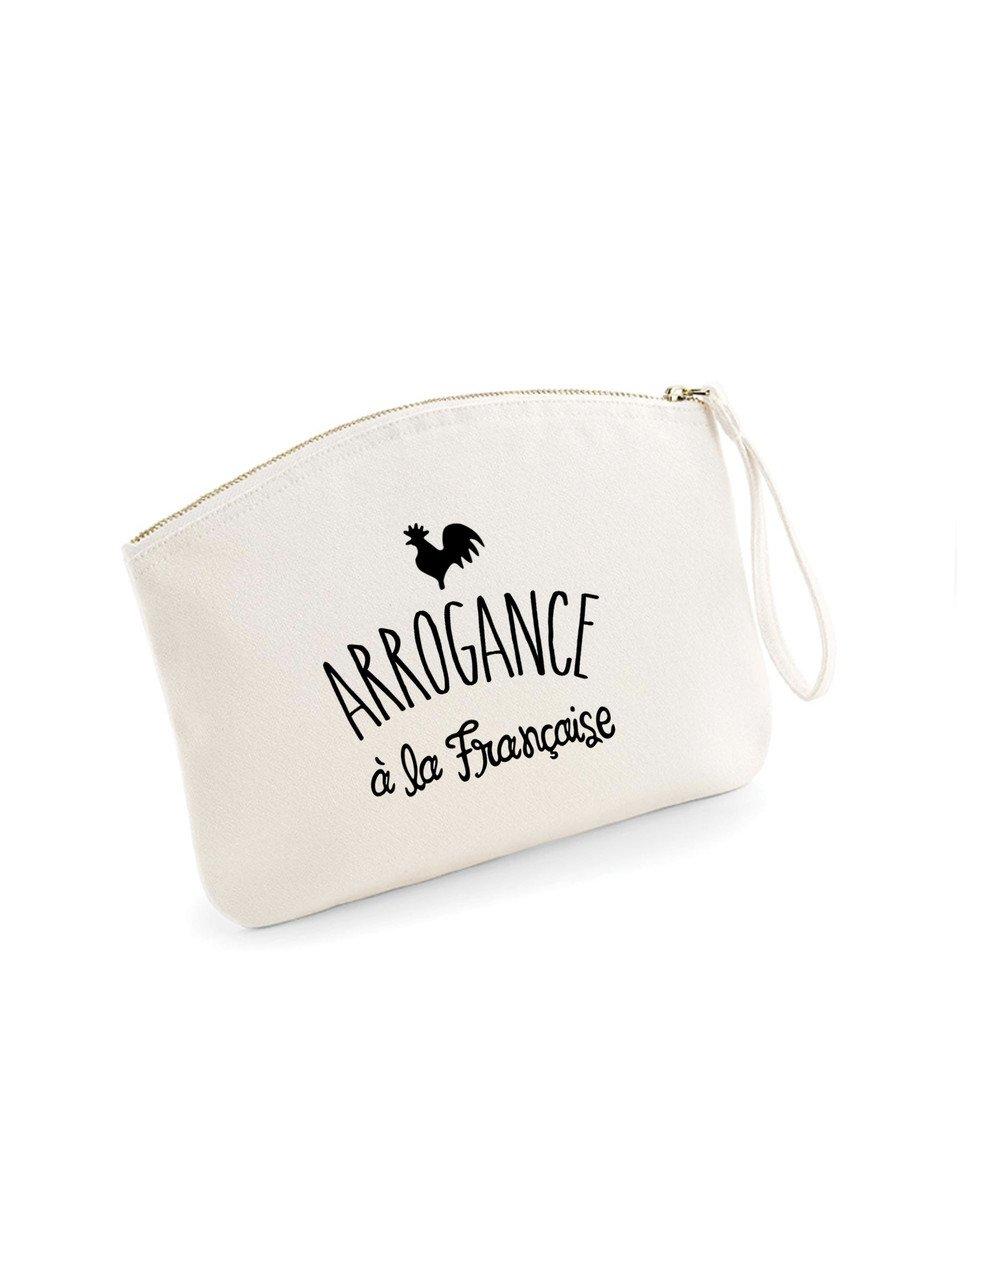 ARROGANCE À LA FRANÇAISE - Pochette Natural en coton